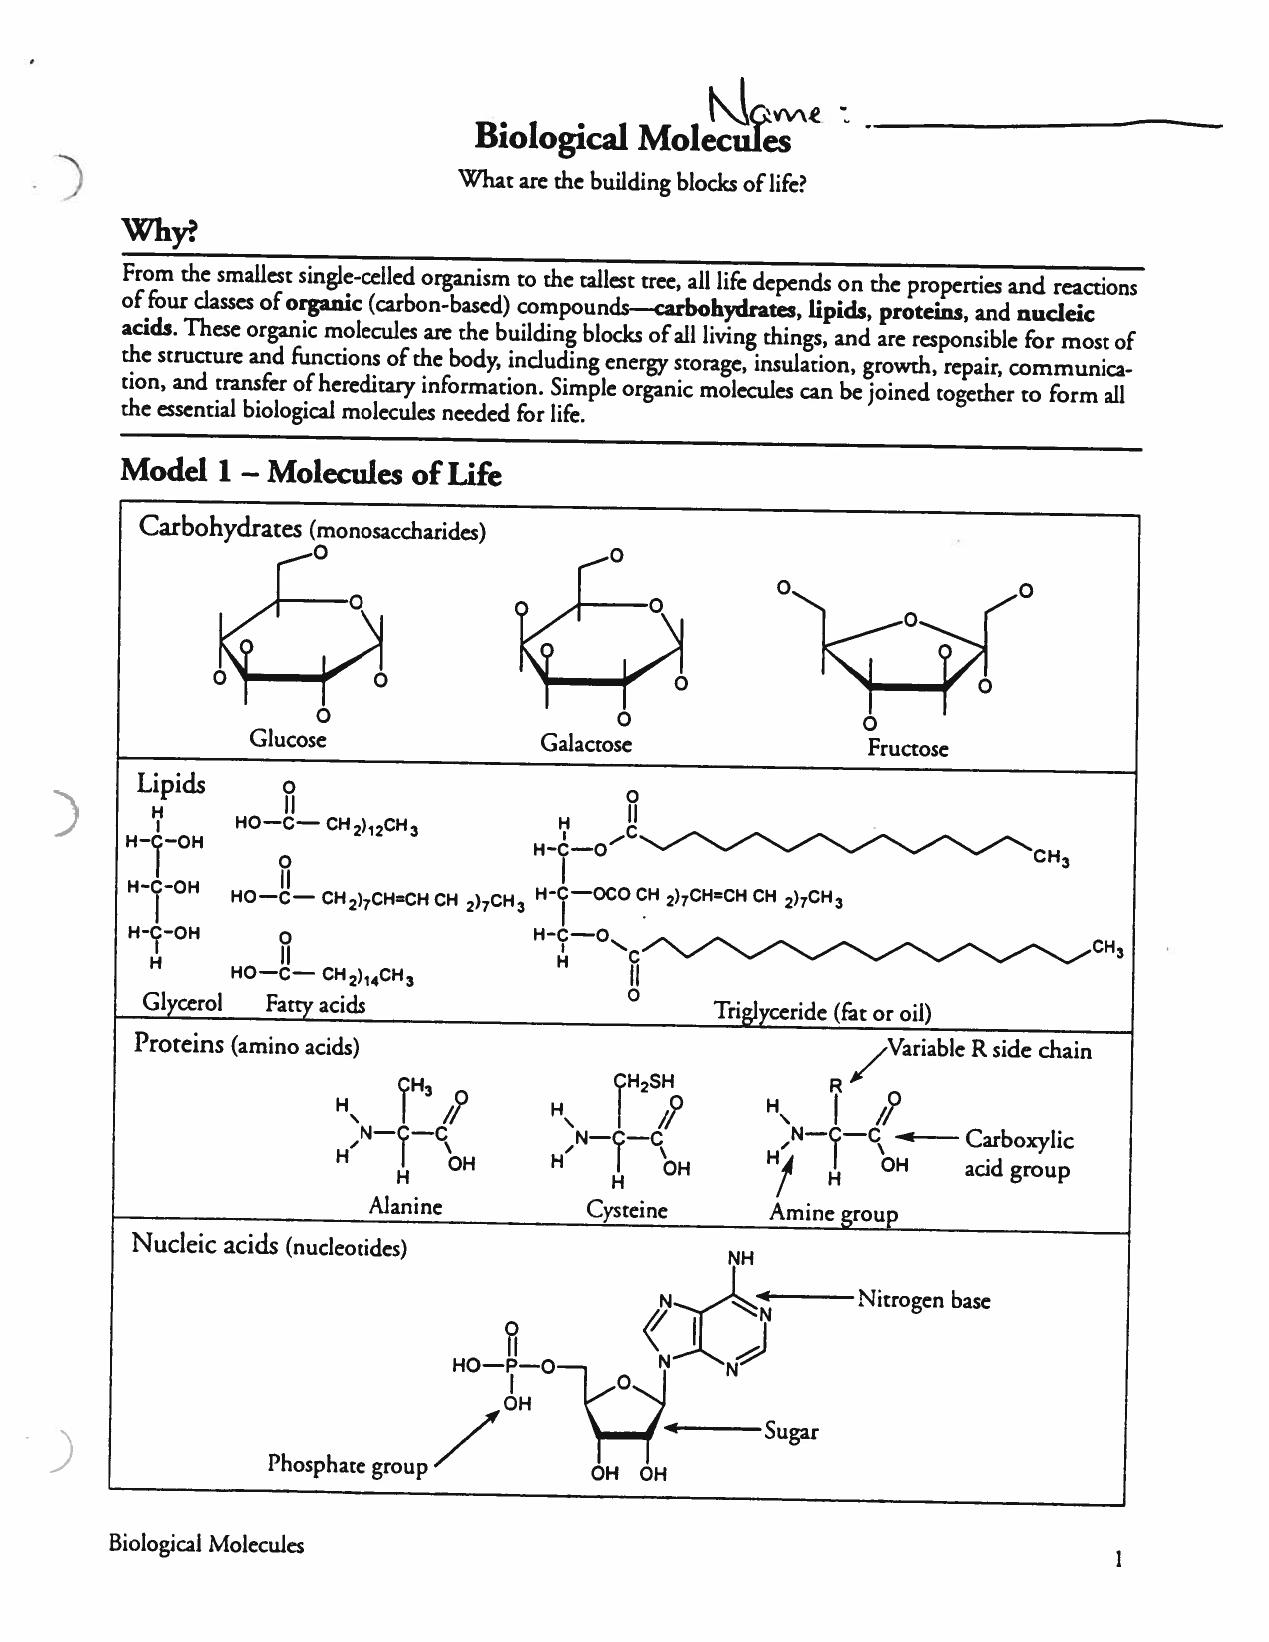 Worksheets Biological Molecules Worksheet biological molecules whelp sheet